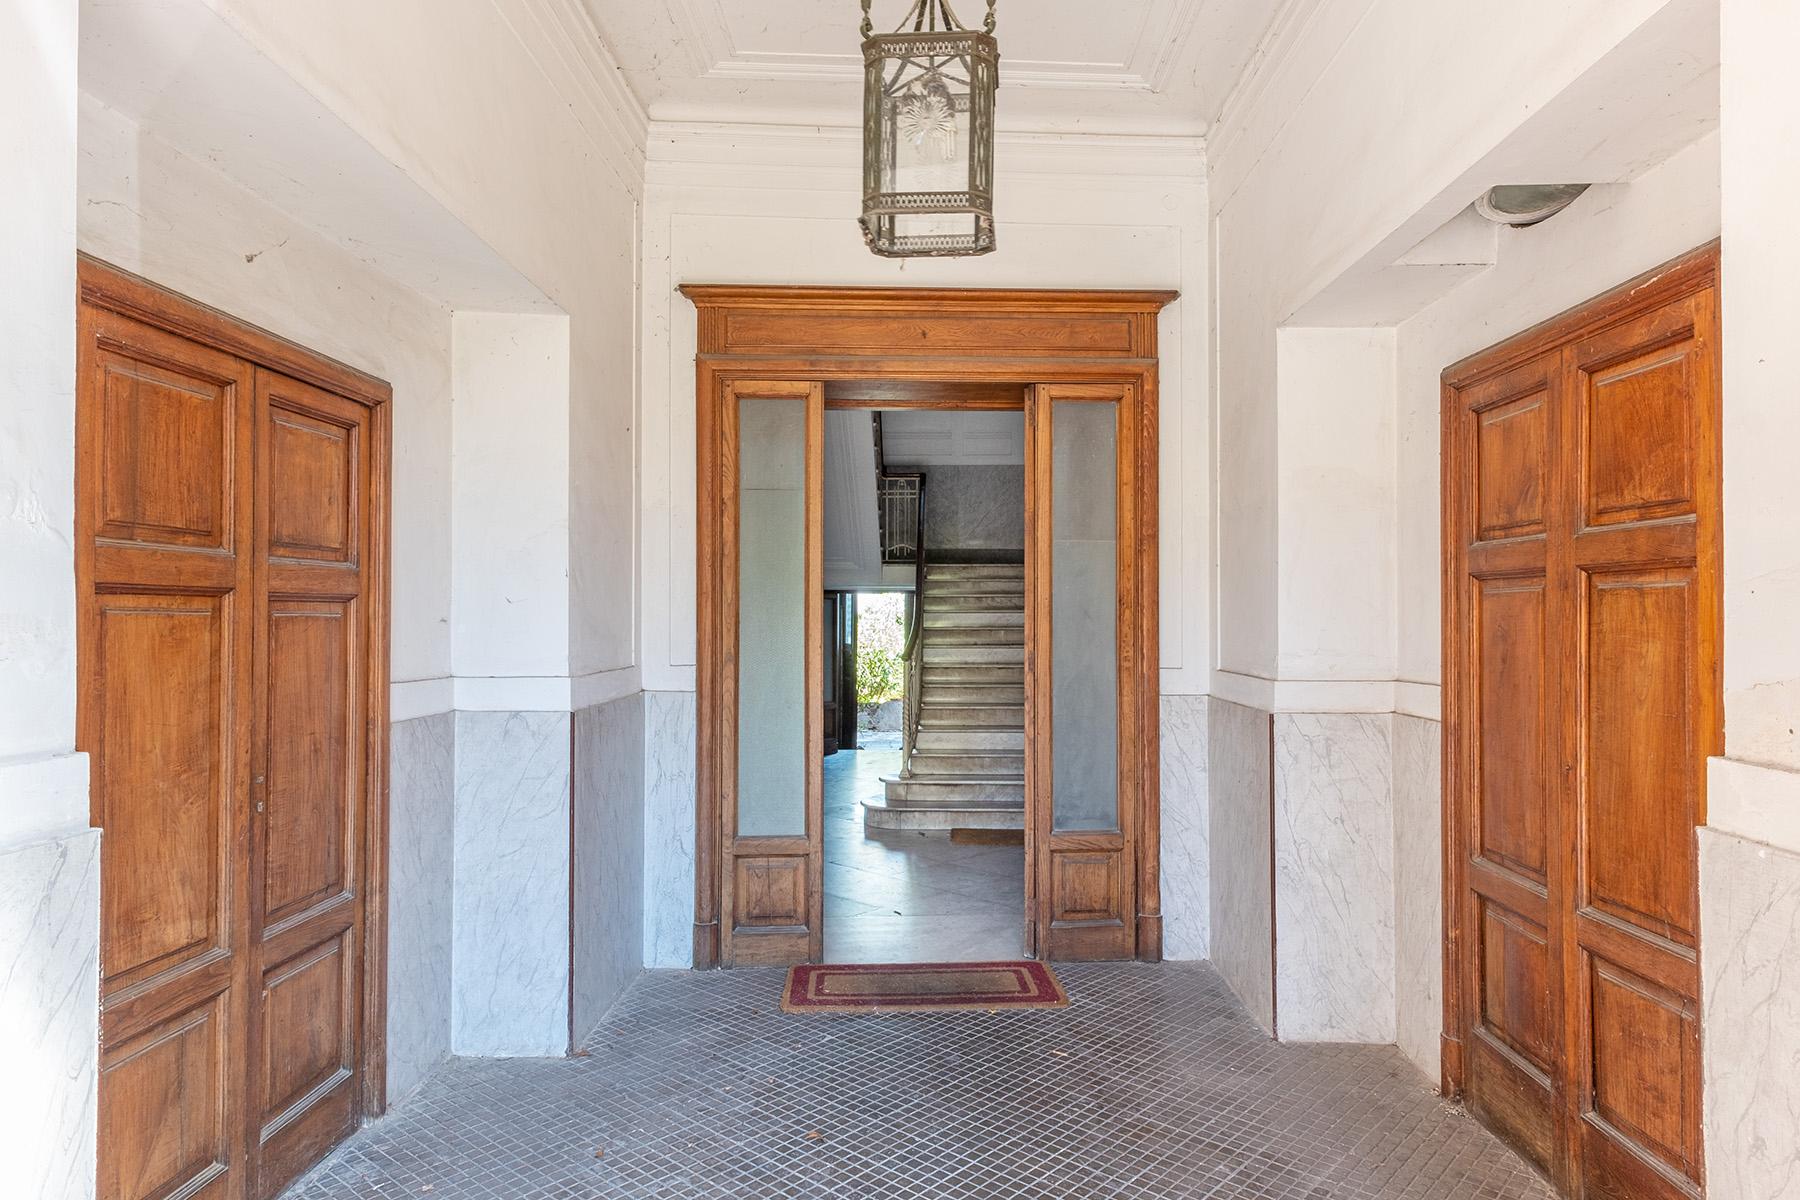 Casa indipendente in Vendita a Napoli: 5 locali, 300 mq - Foto 5